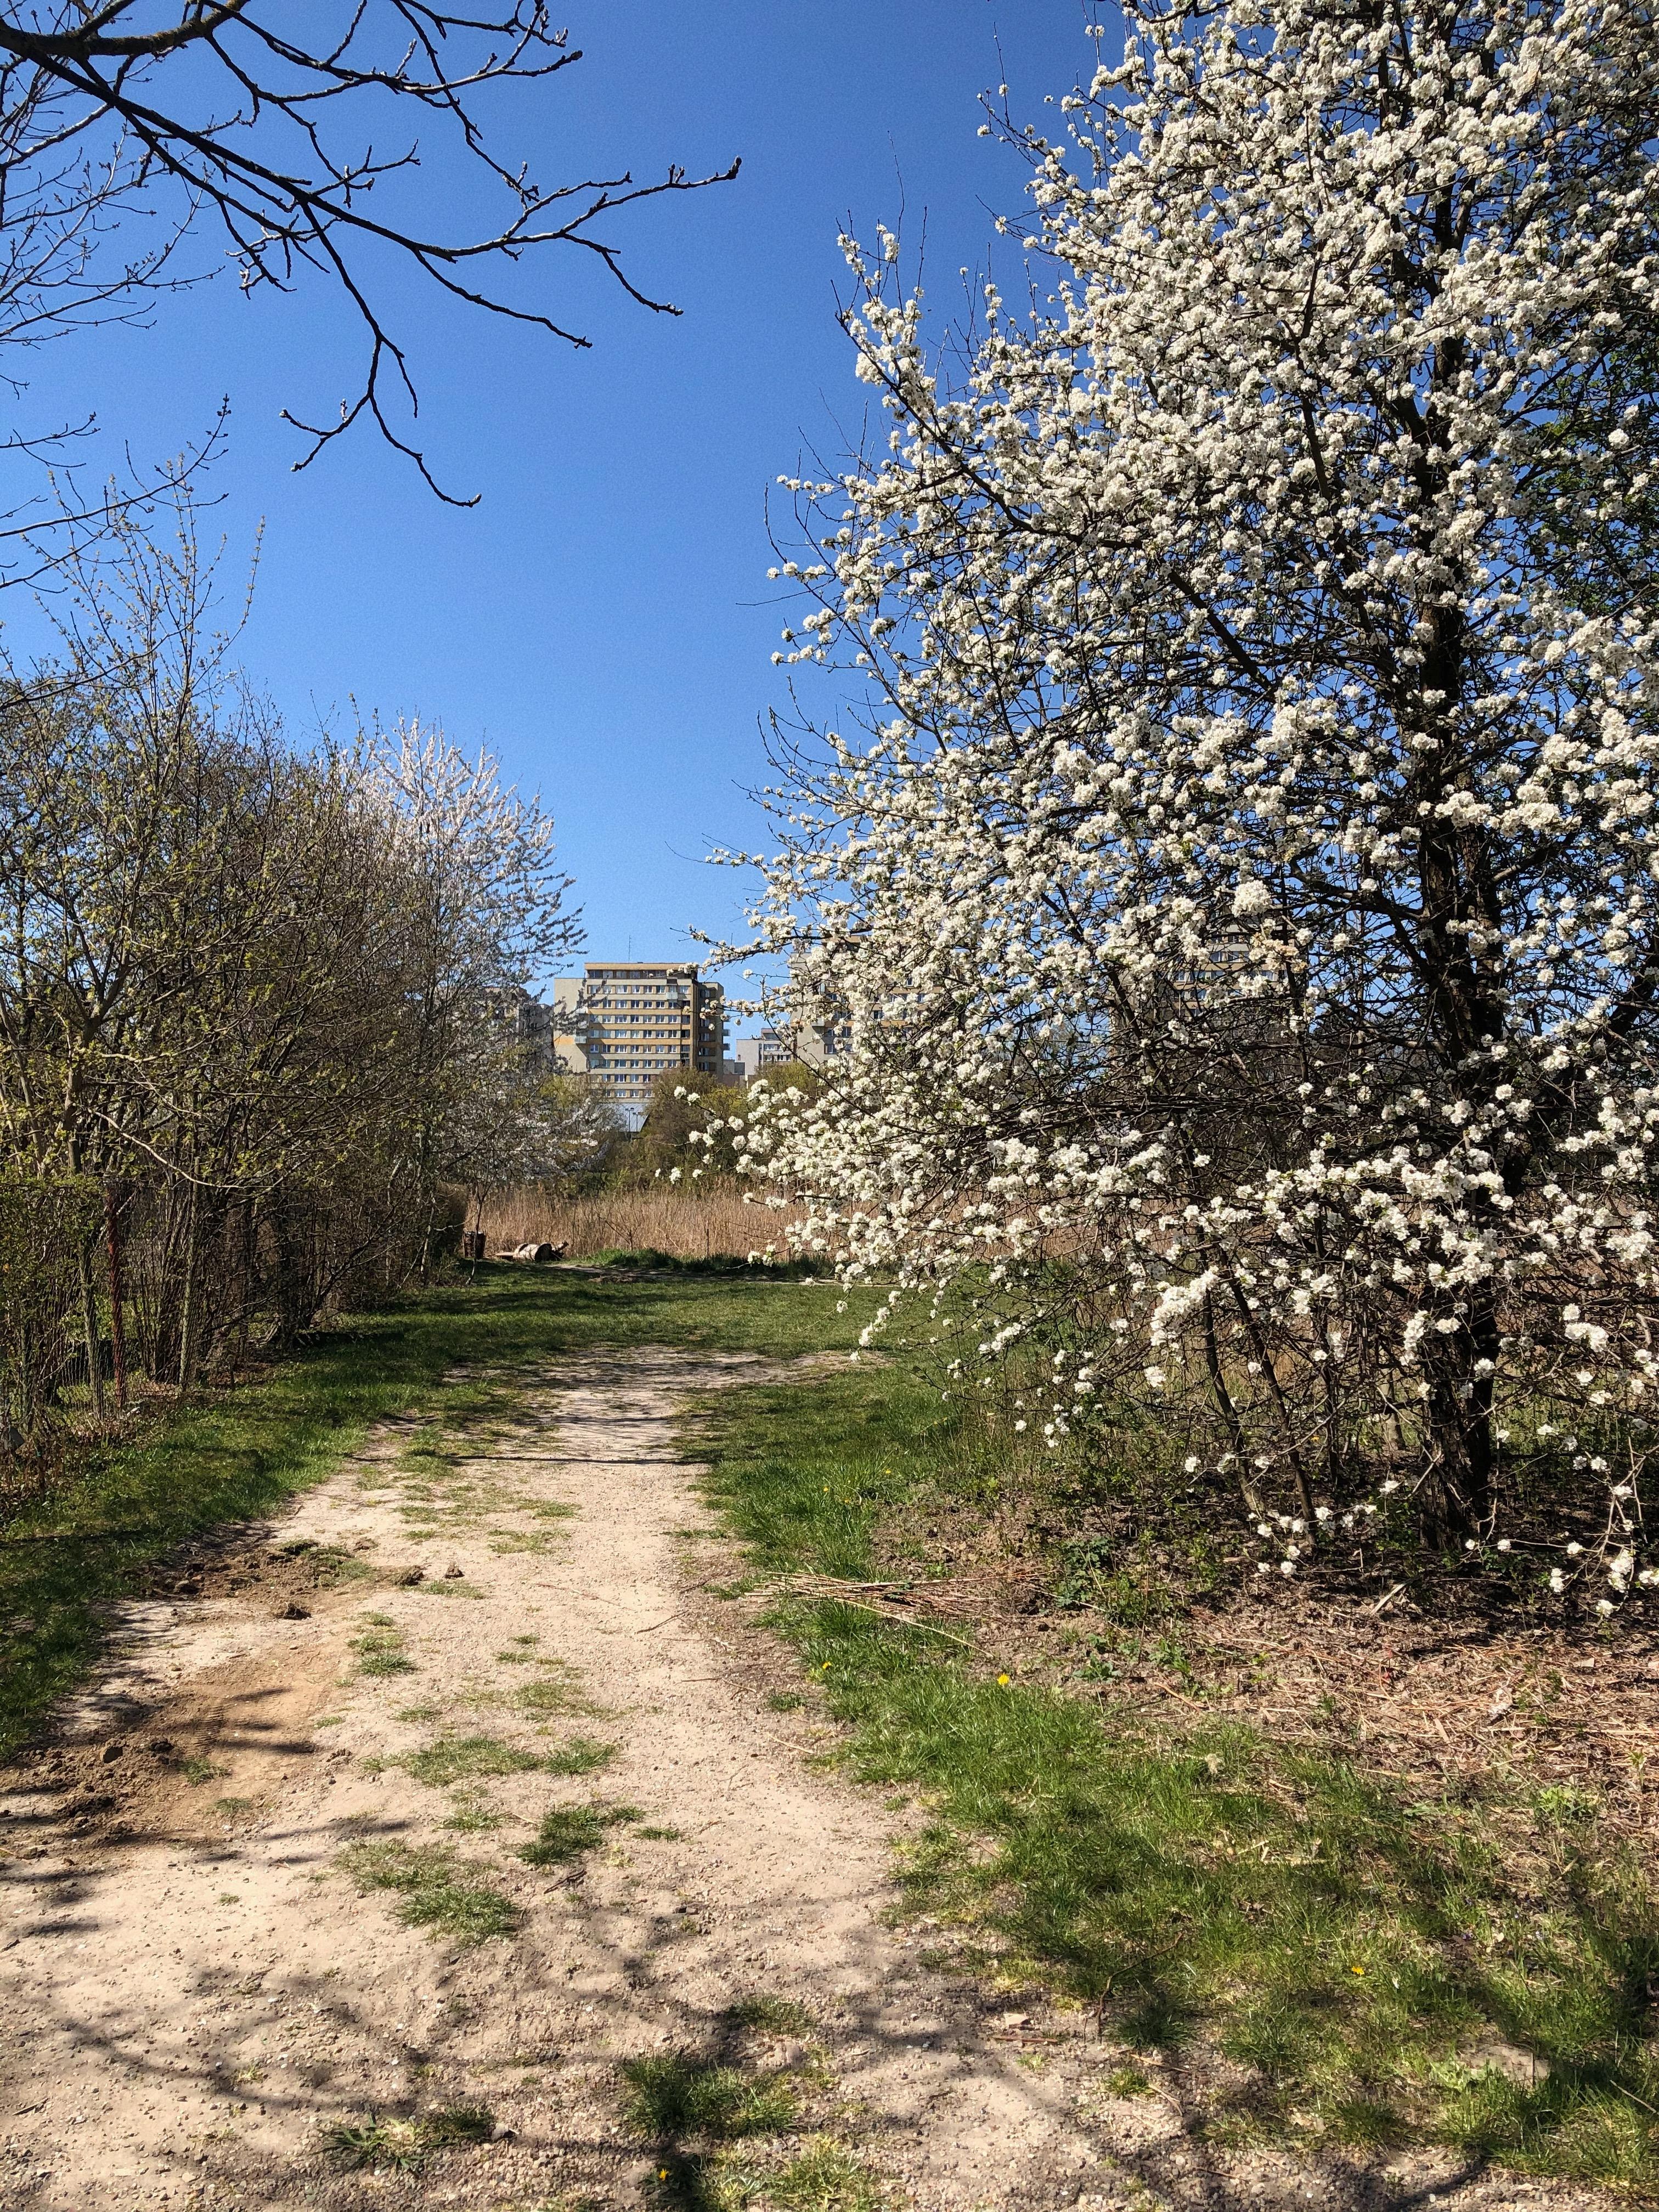 Wiosna zapiera dech w piersiach. W tym roku nie tylko z powodu epidemii nie było mi dane się nią rozkoszować...